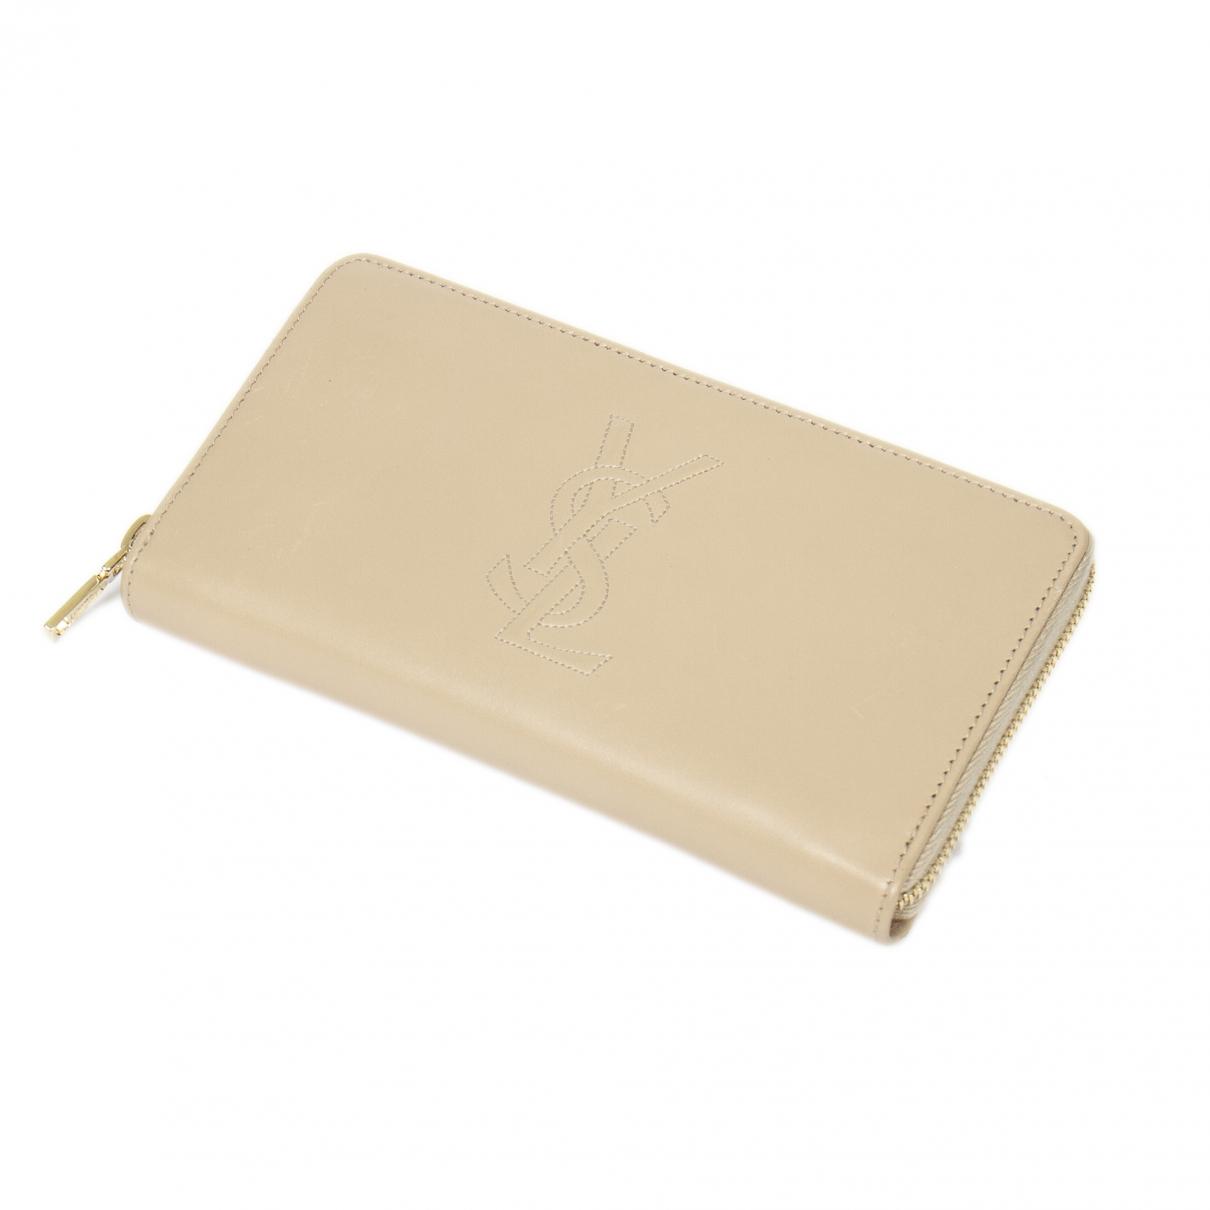 Yves Saint Laurent \N Beige Leather wallet for Women \N